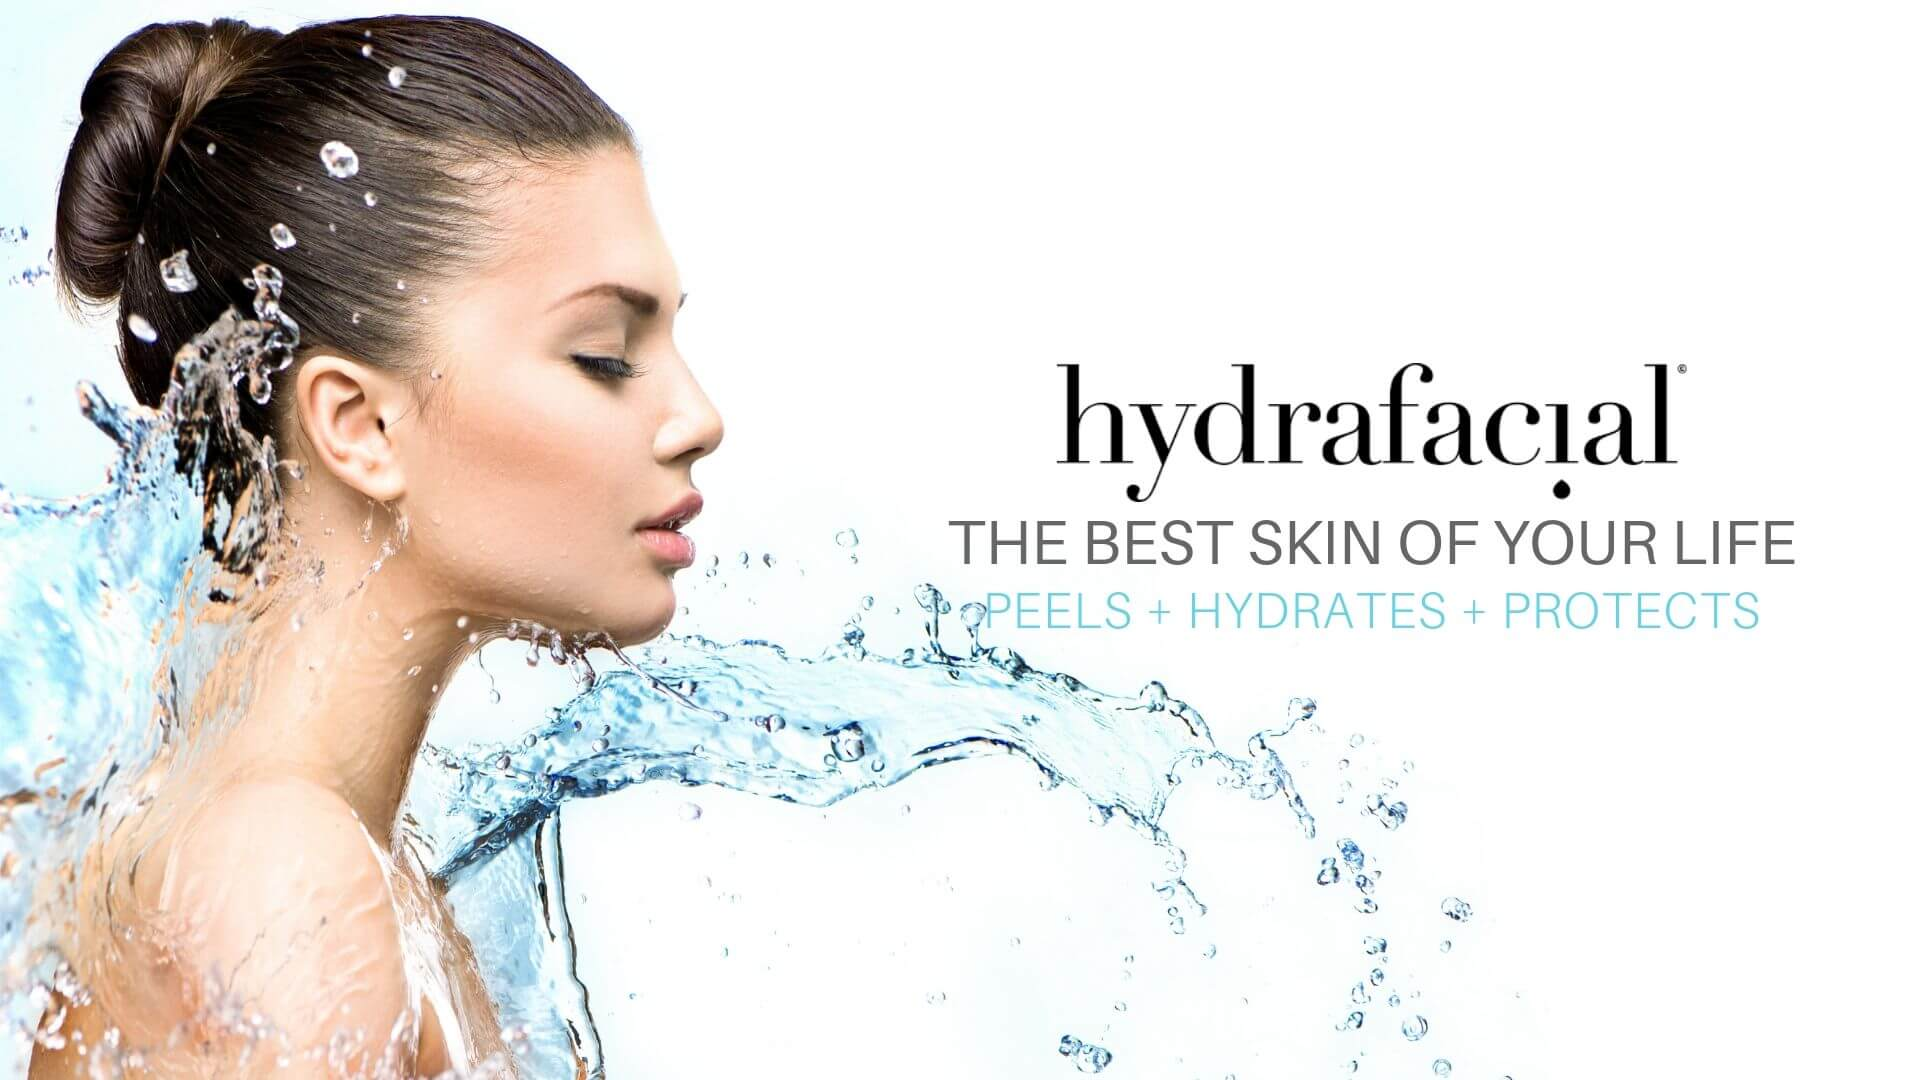 Hydrafacial treatments at REGENERATE.